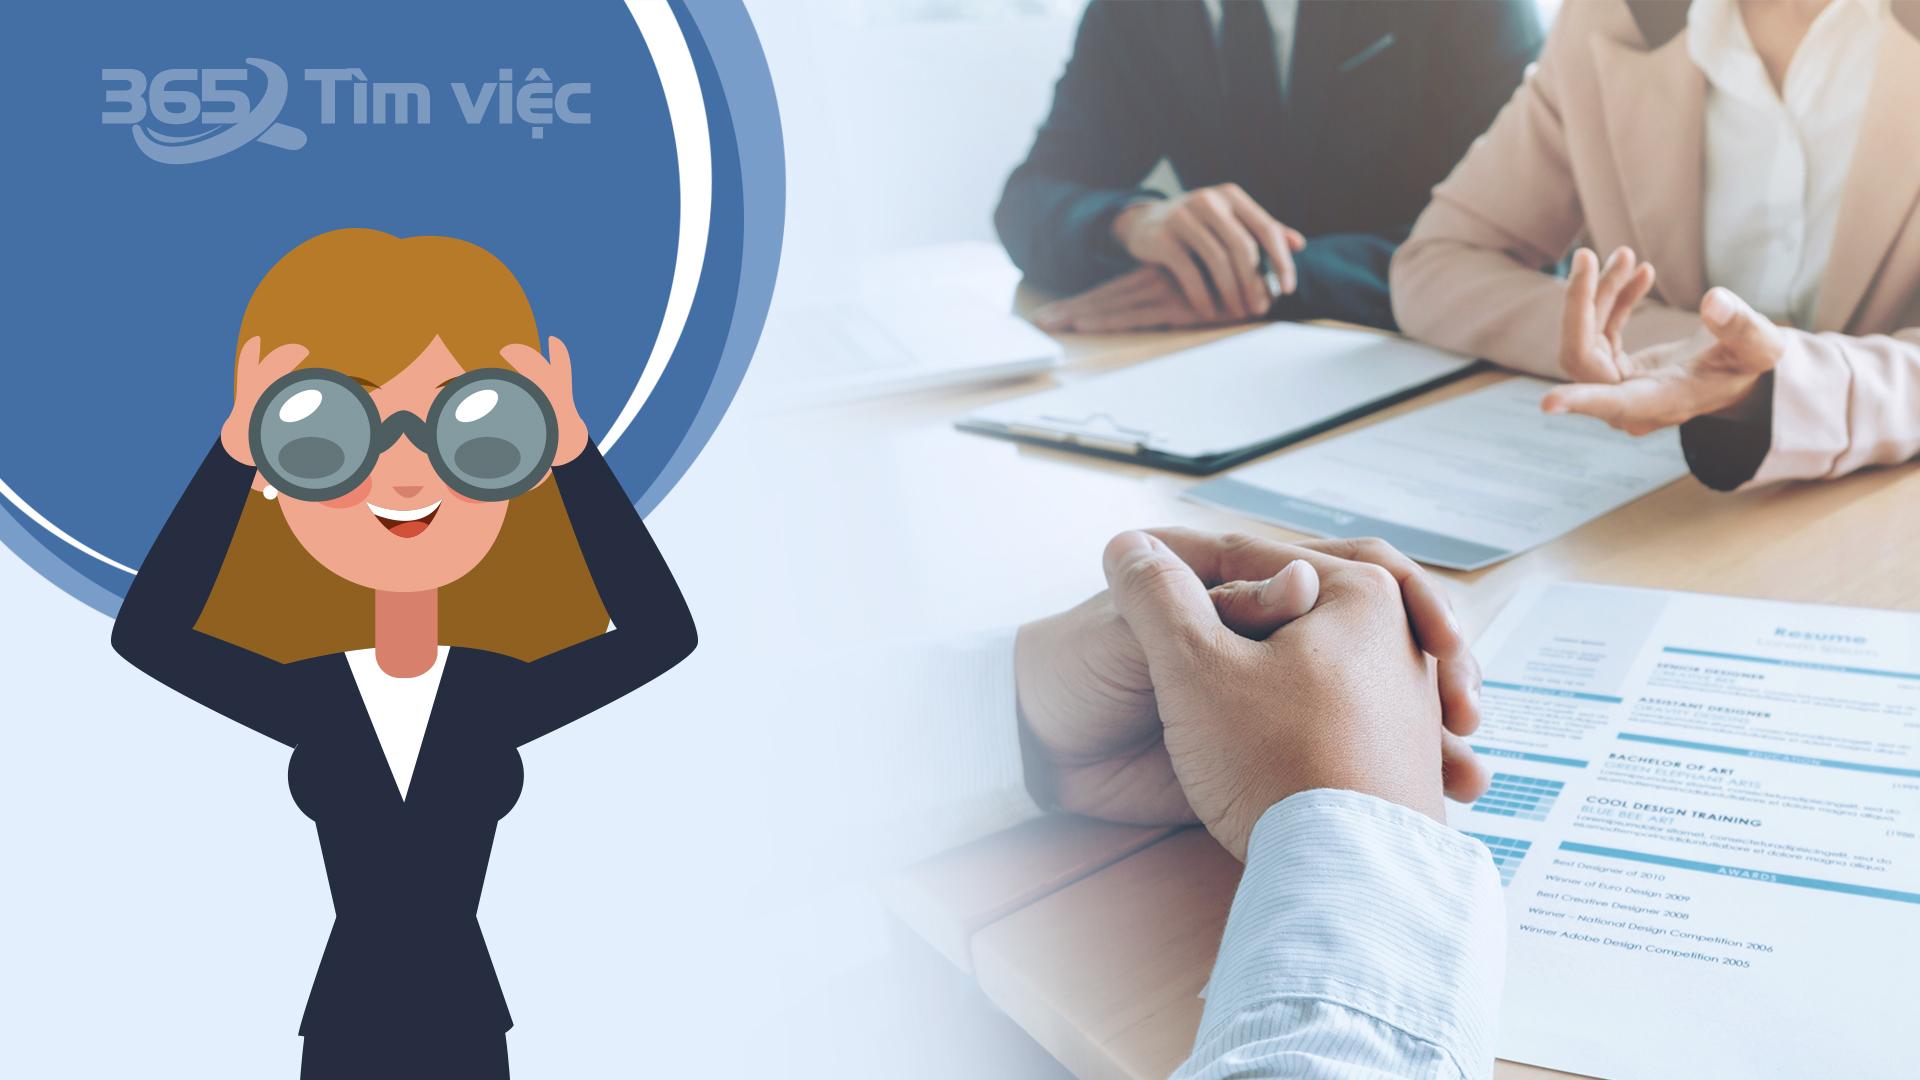 Credit Application Form - Đơn xin tín dụng thanh toán